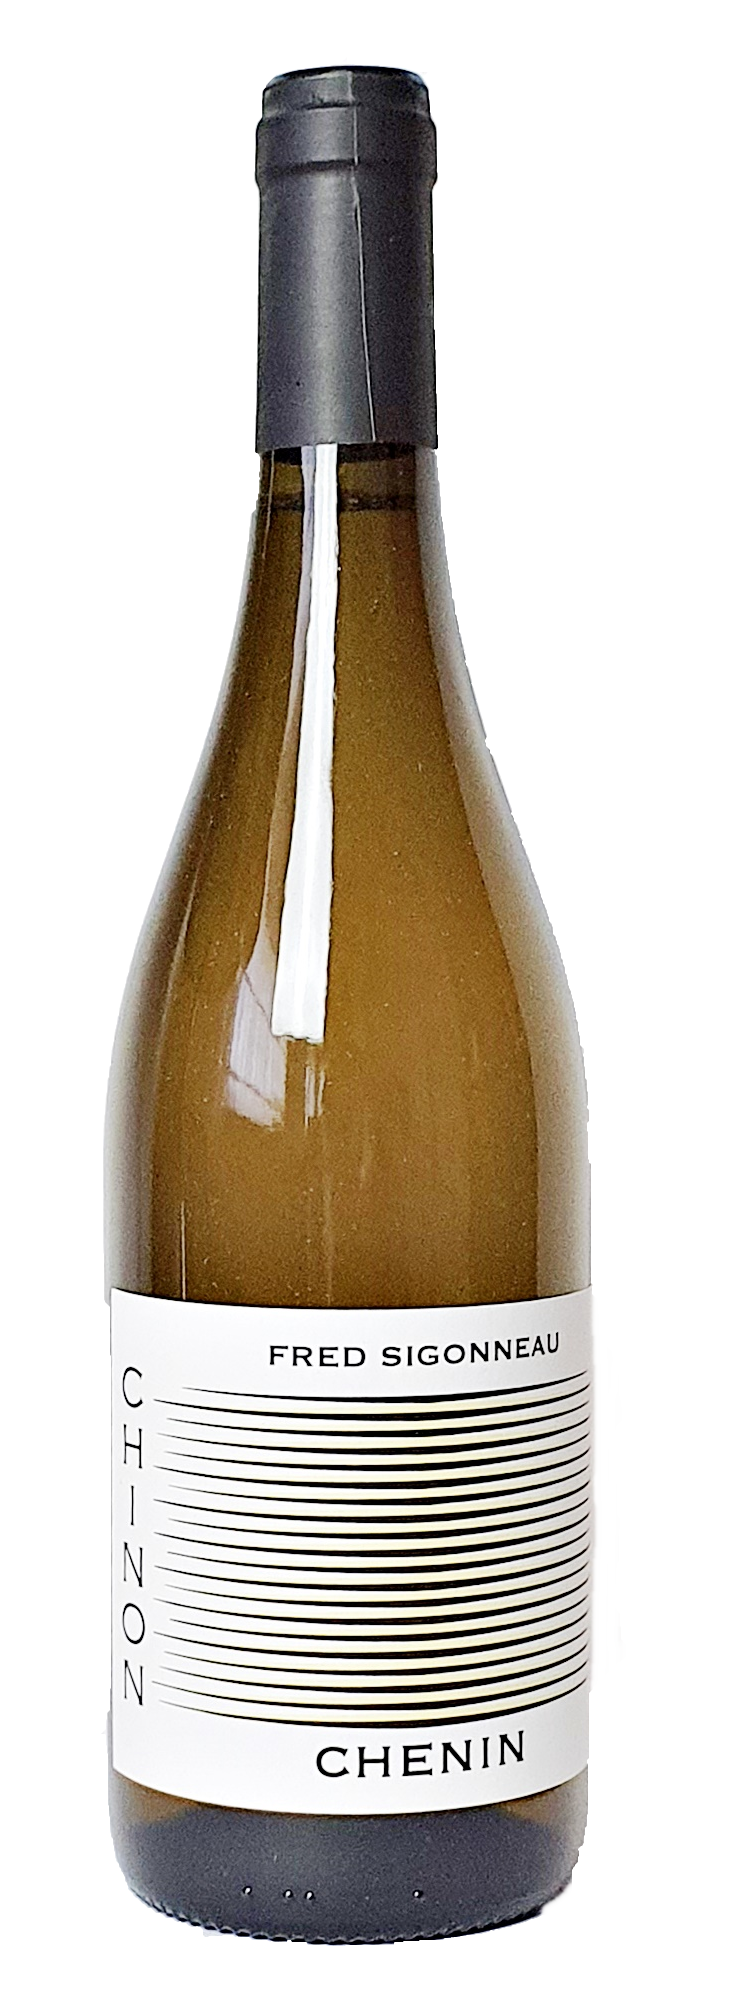 L'R, Domaine de - Loire 2019 Chinon Blanc de Chenin, Fred Sigonneau